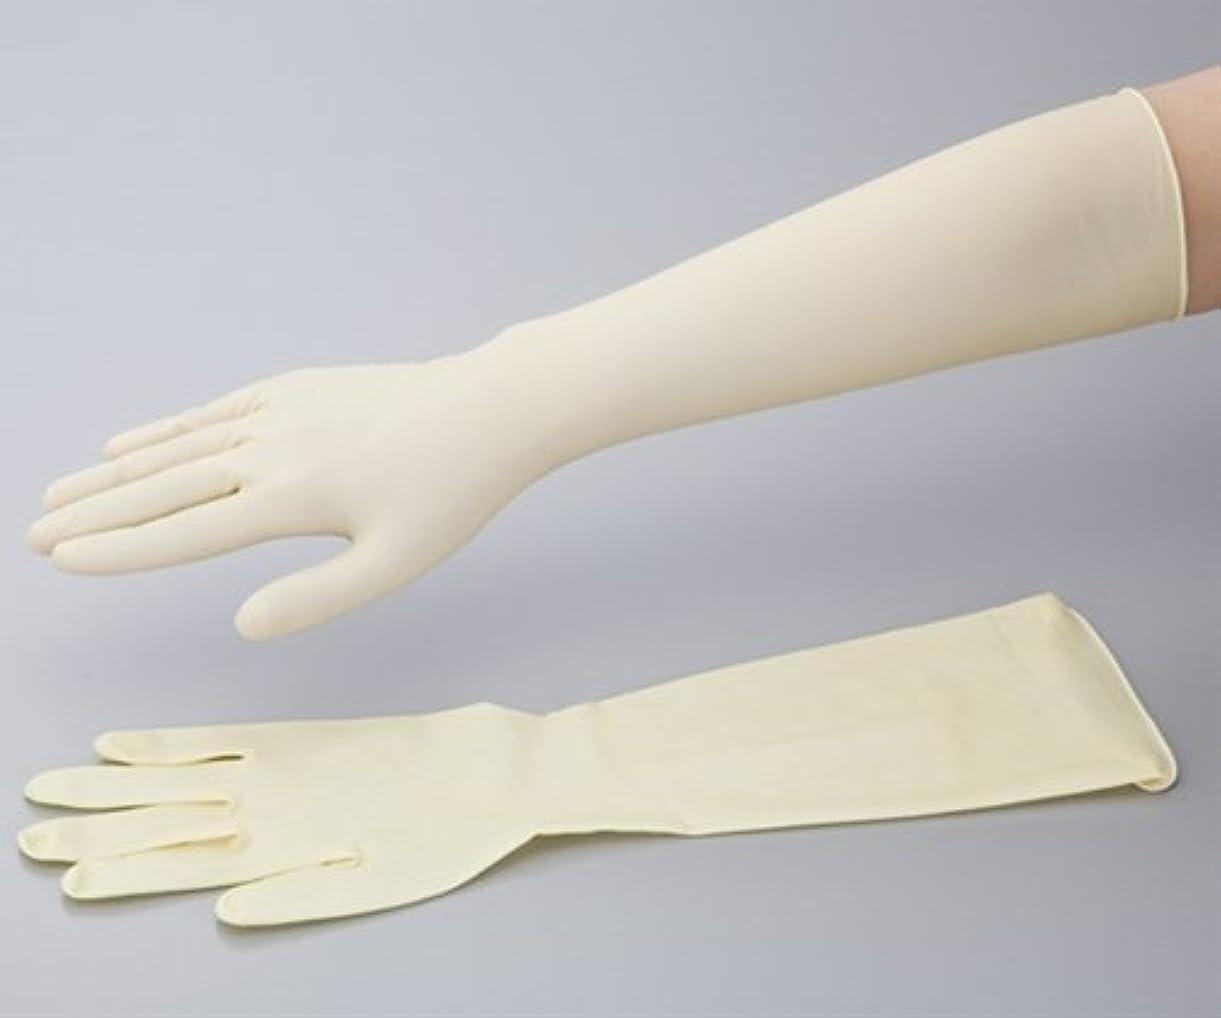 ベギンカストディアン制限されたラテックスロング手袋(スーパーロング)γ線滅菌済 S 50枚入り /0-6111-03